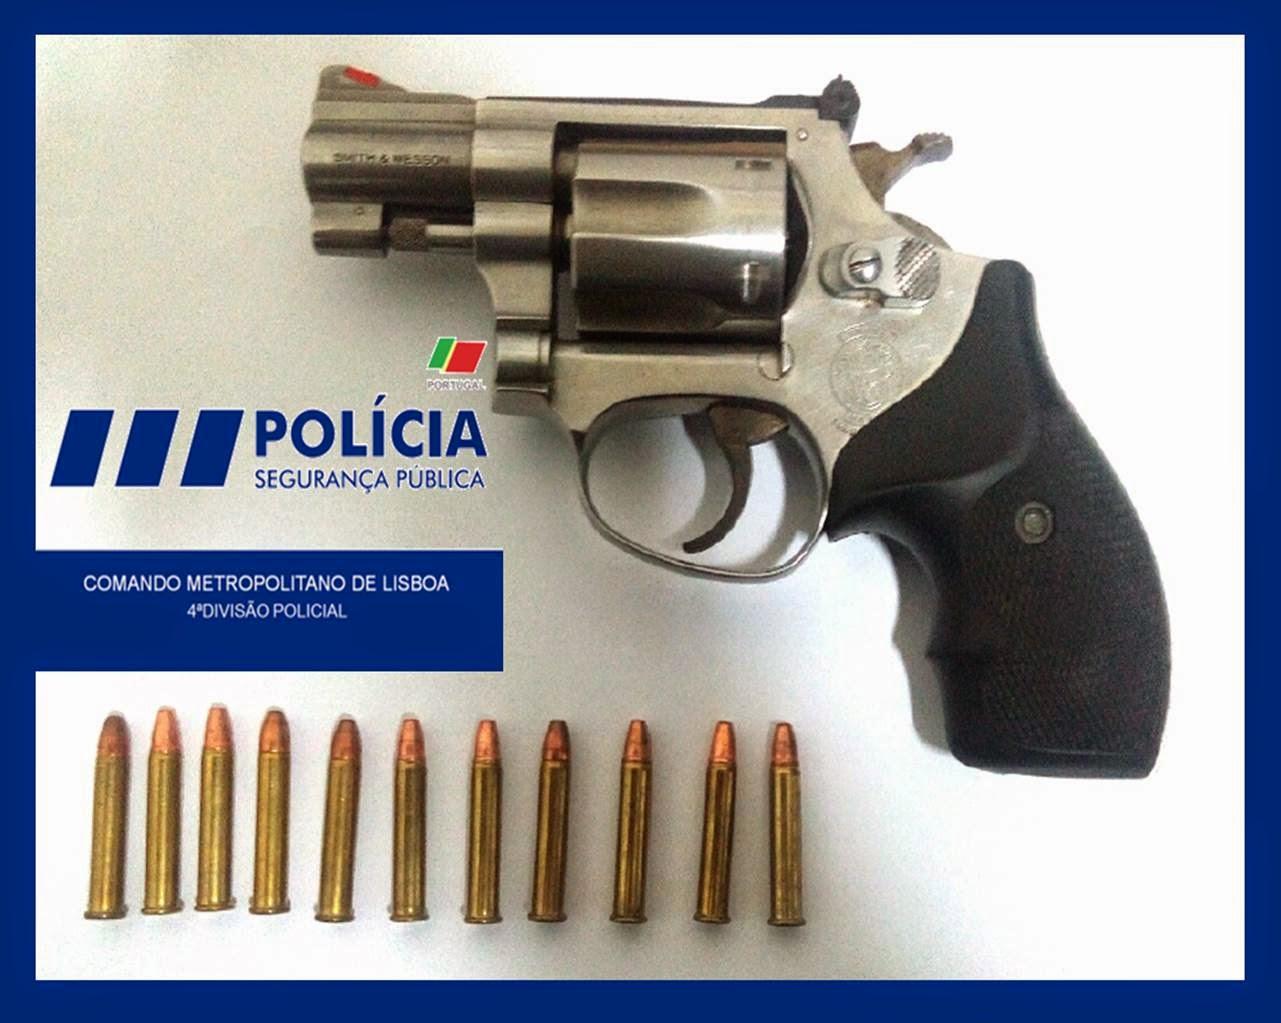 Comando metropolitano de lisboa da psp psp recupera arma for Uso e porte de arma